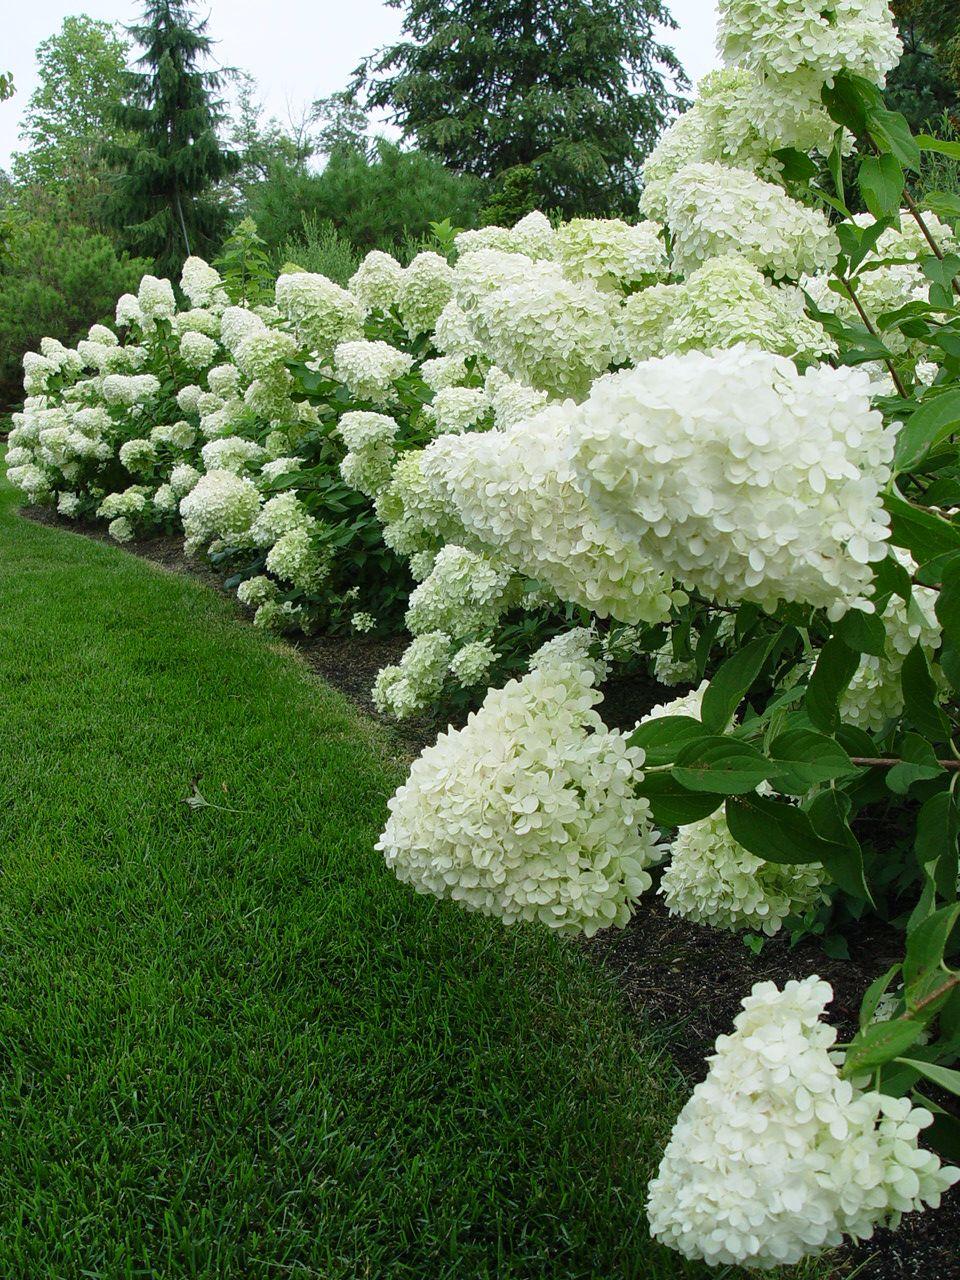 blomstrende buske hele sommeren